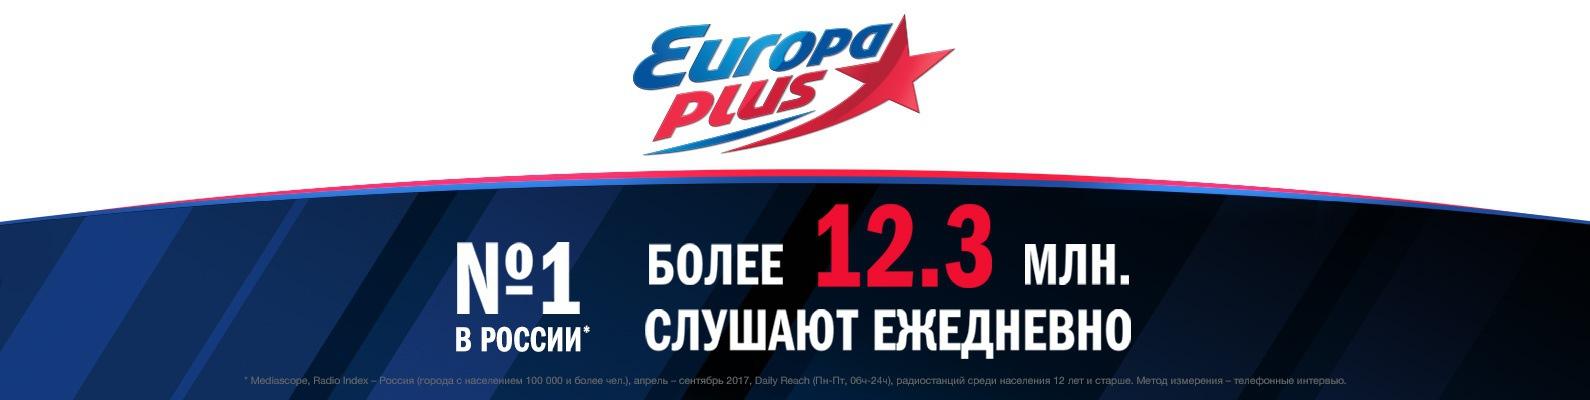 Сегодняшнее радио европа плюс список иностранных песен